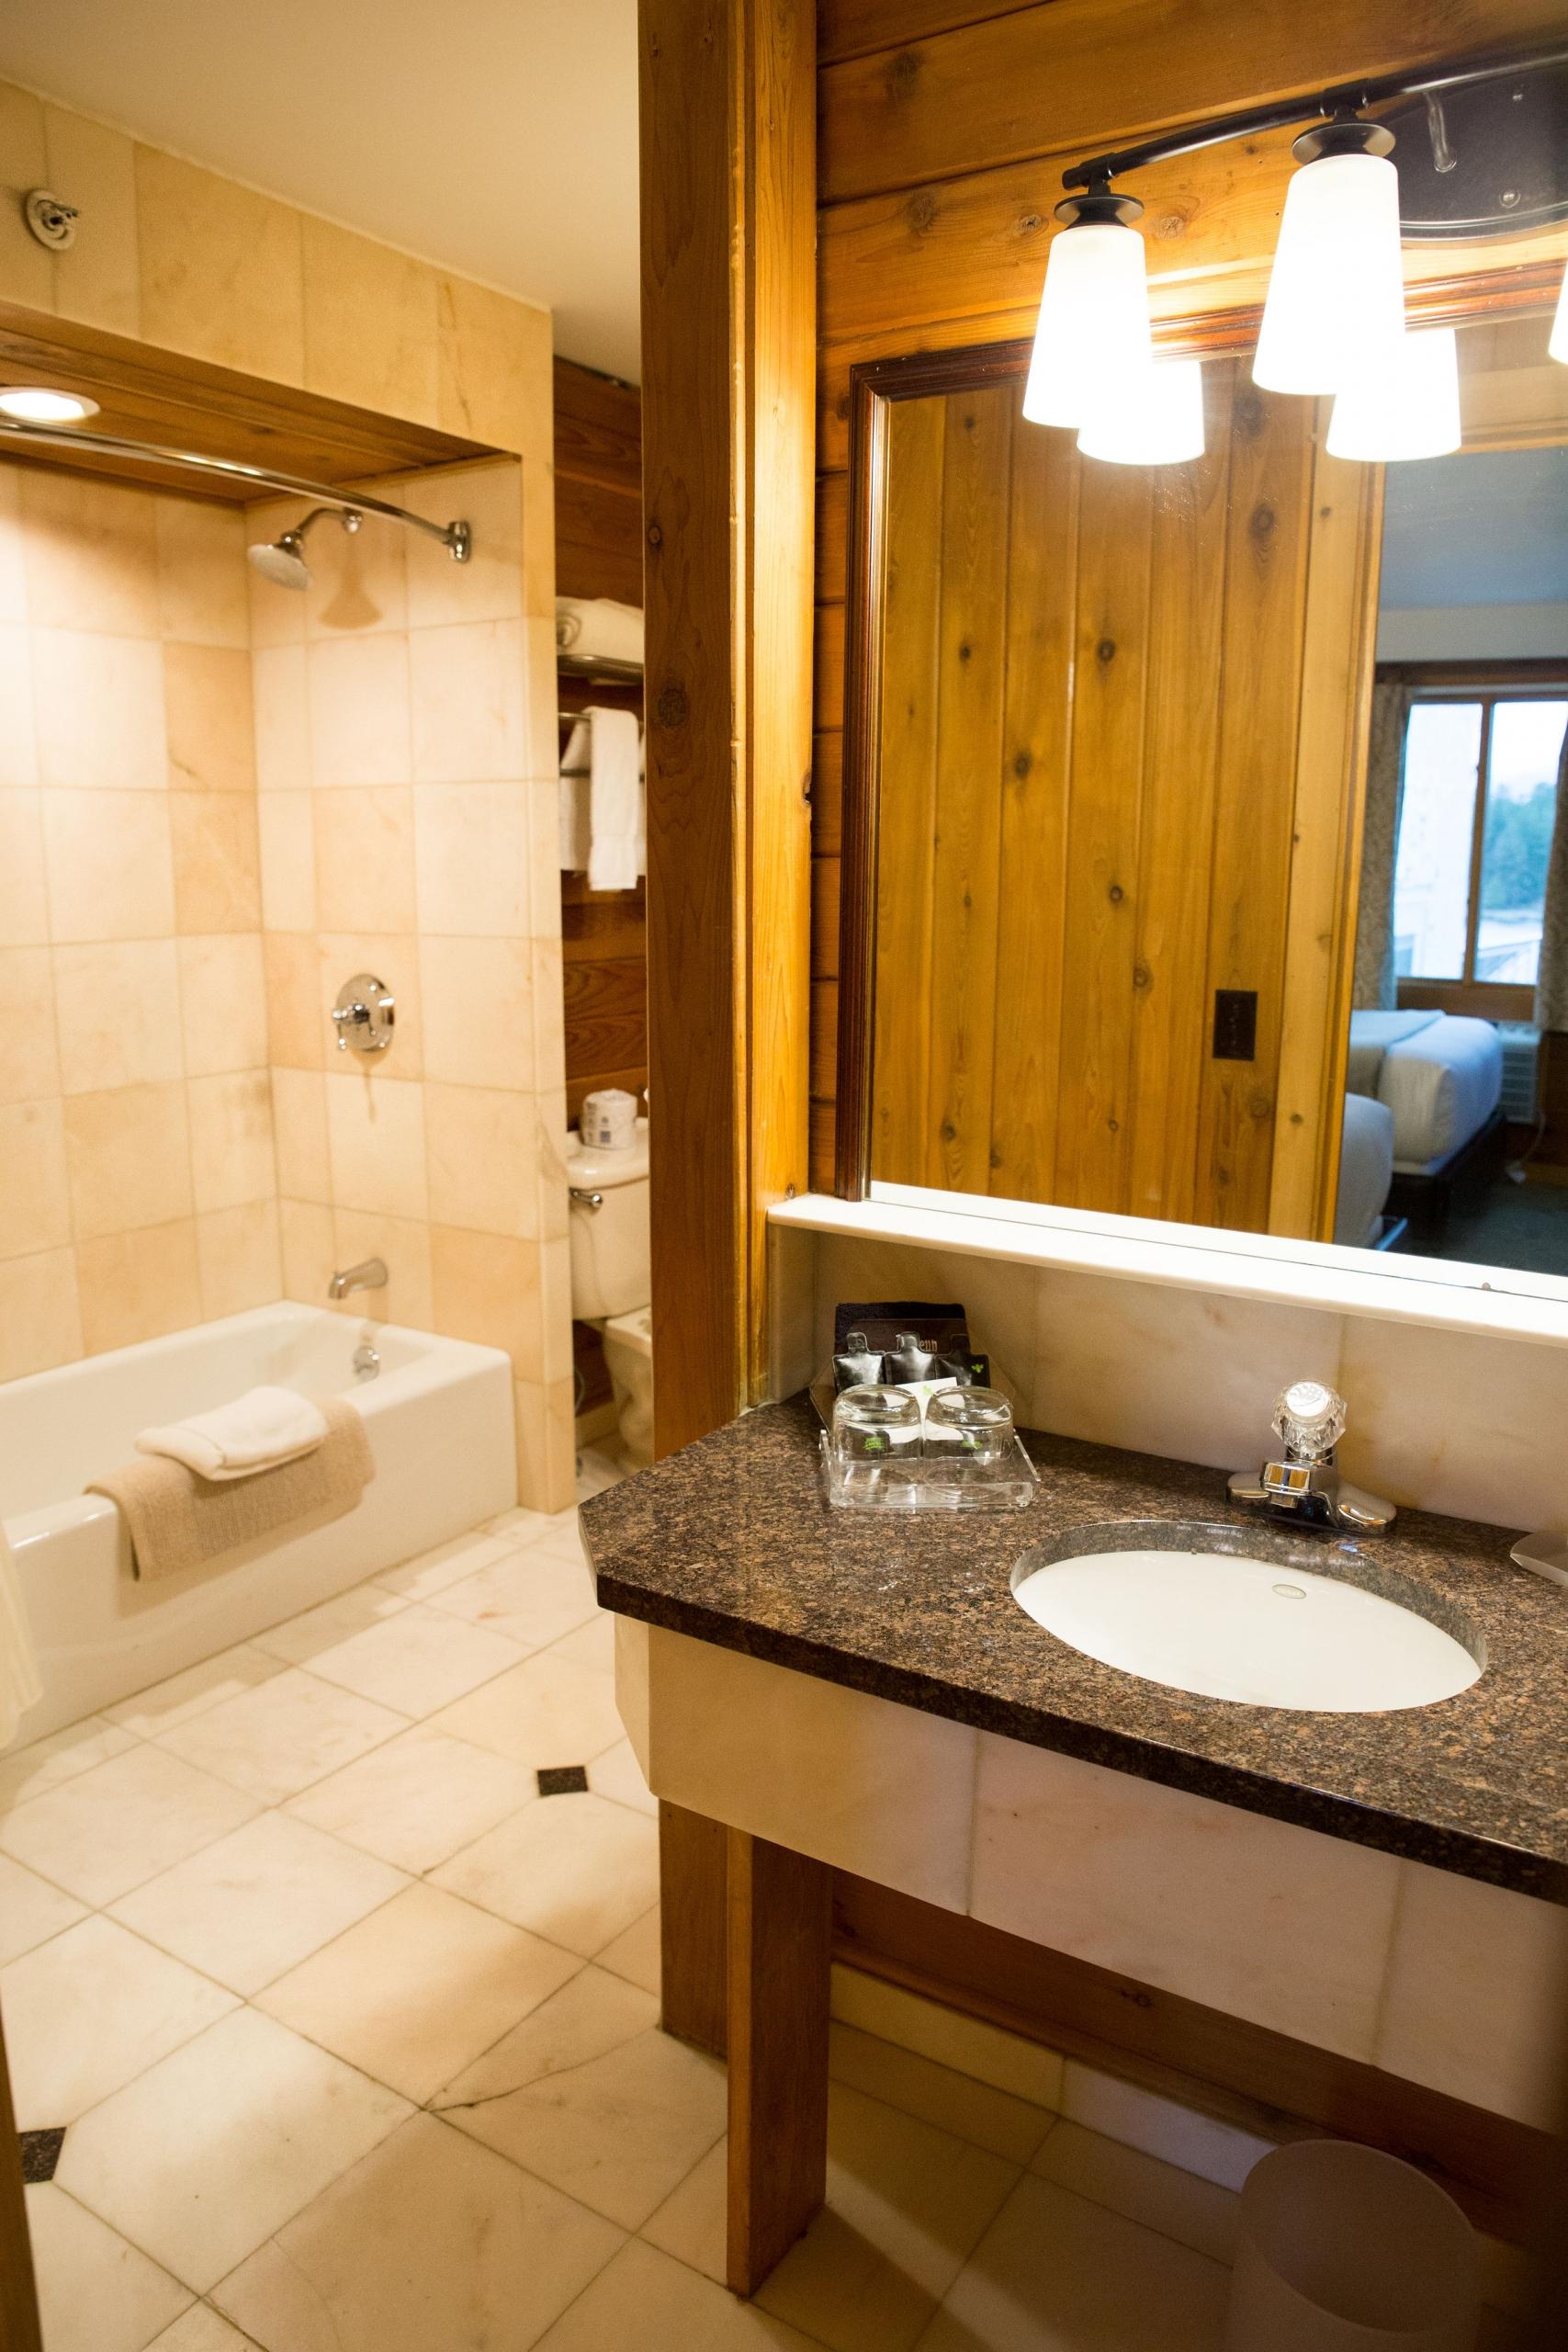 Condo 501 Bathroom